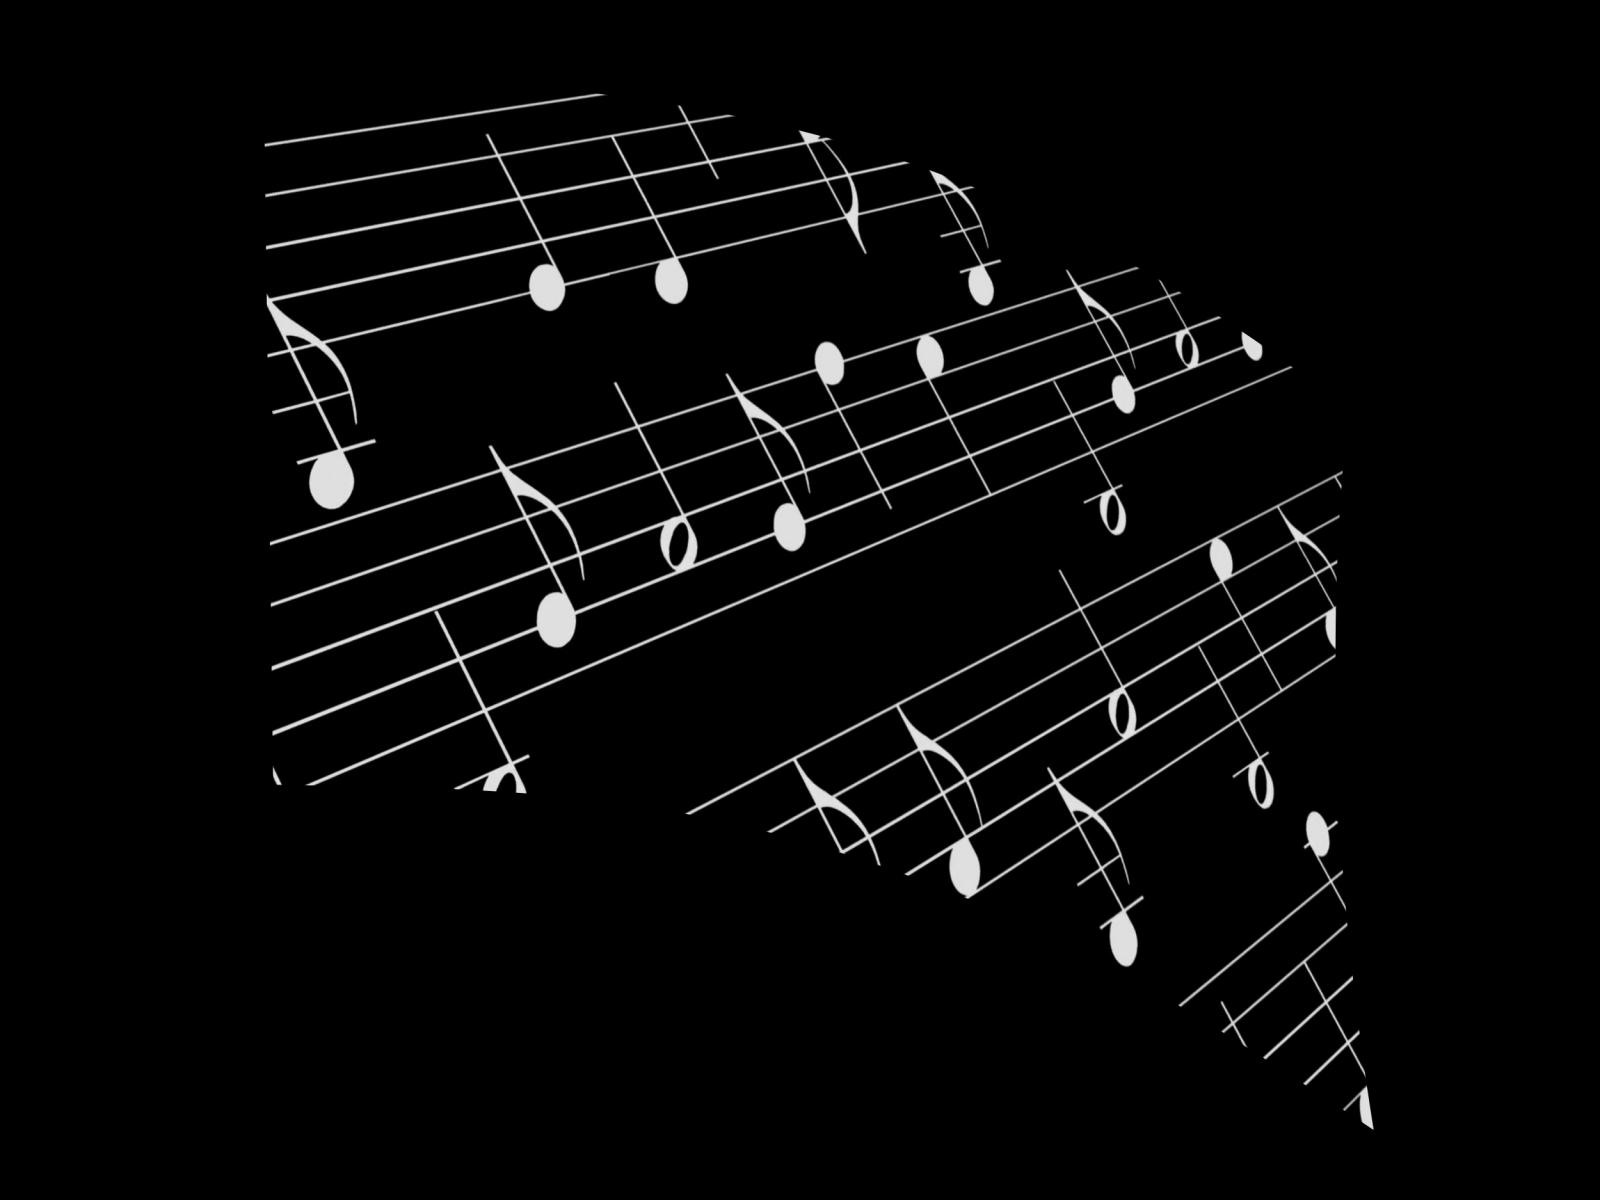 060415s - 36x52 Standard Sheet Music 1